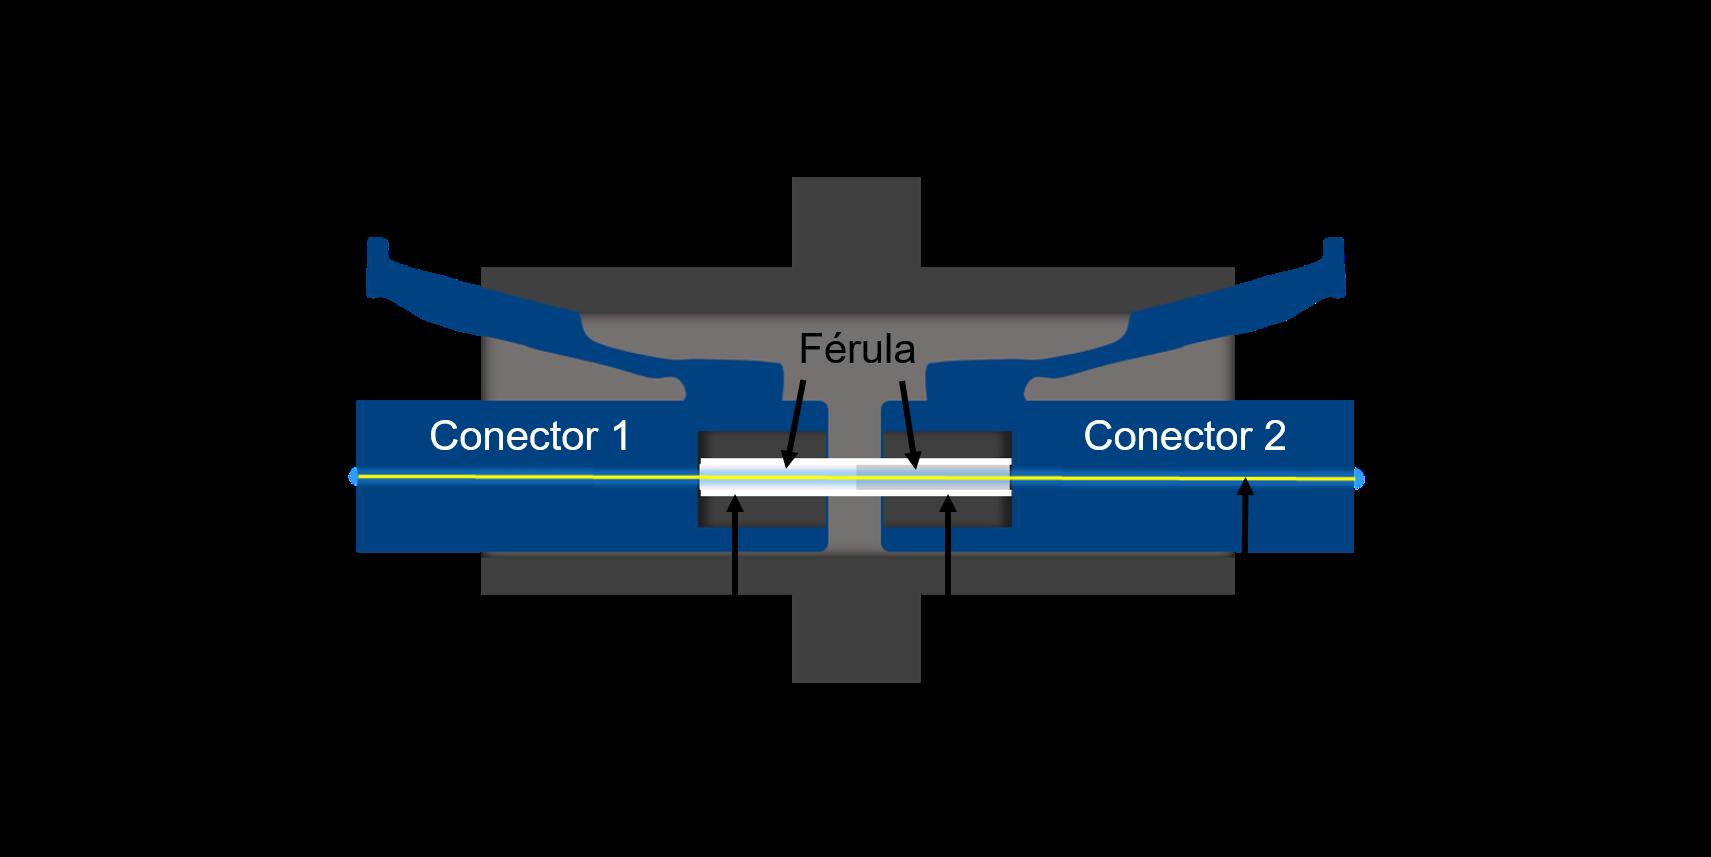 Acoplador diagrama MBL